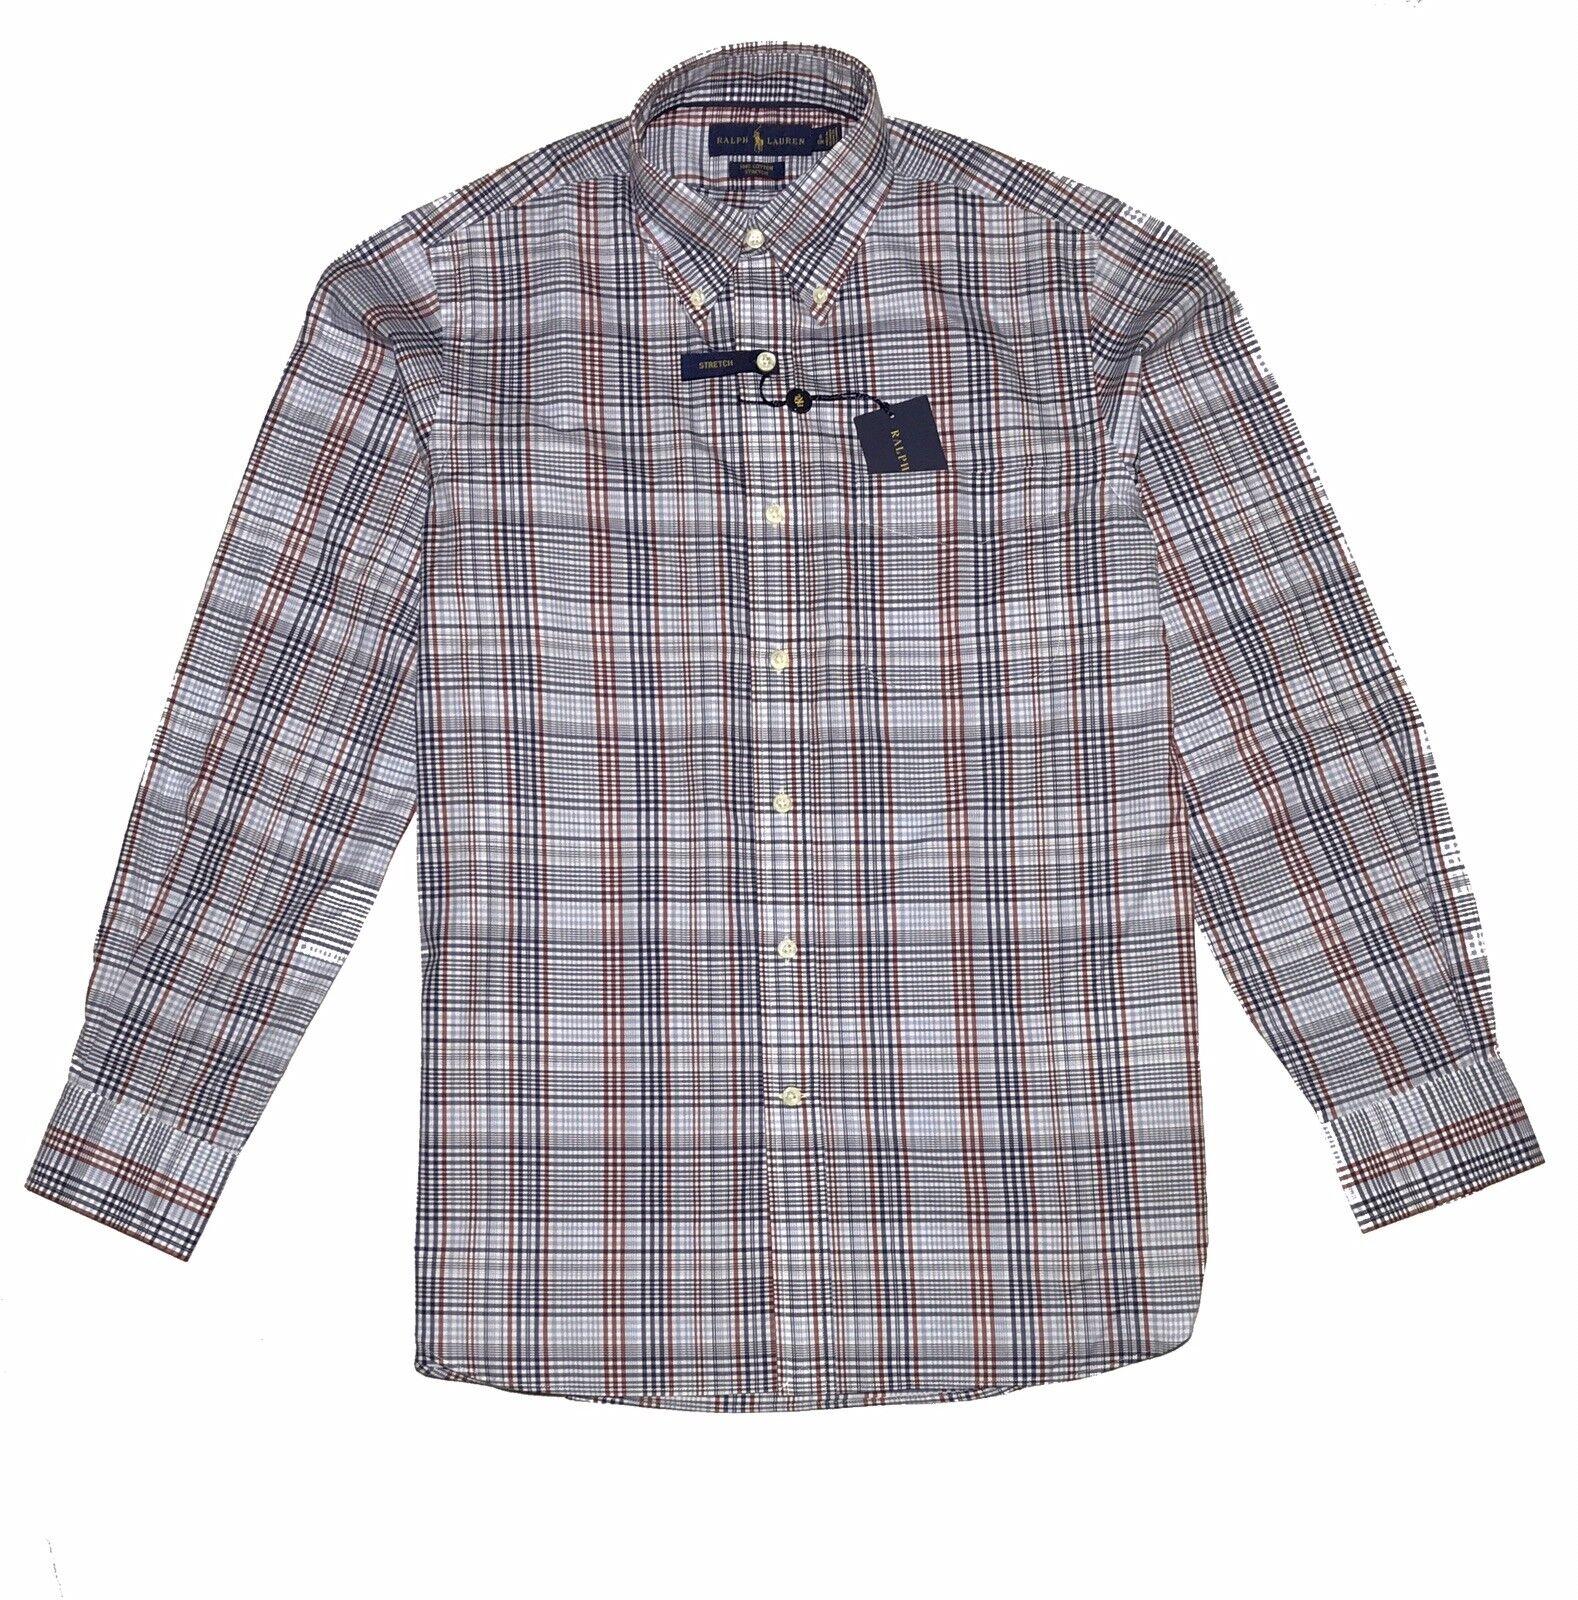 Ralph Lauren manica lunga cotone stretch Uomo Vestito Camicie RRP